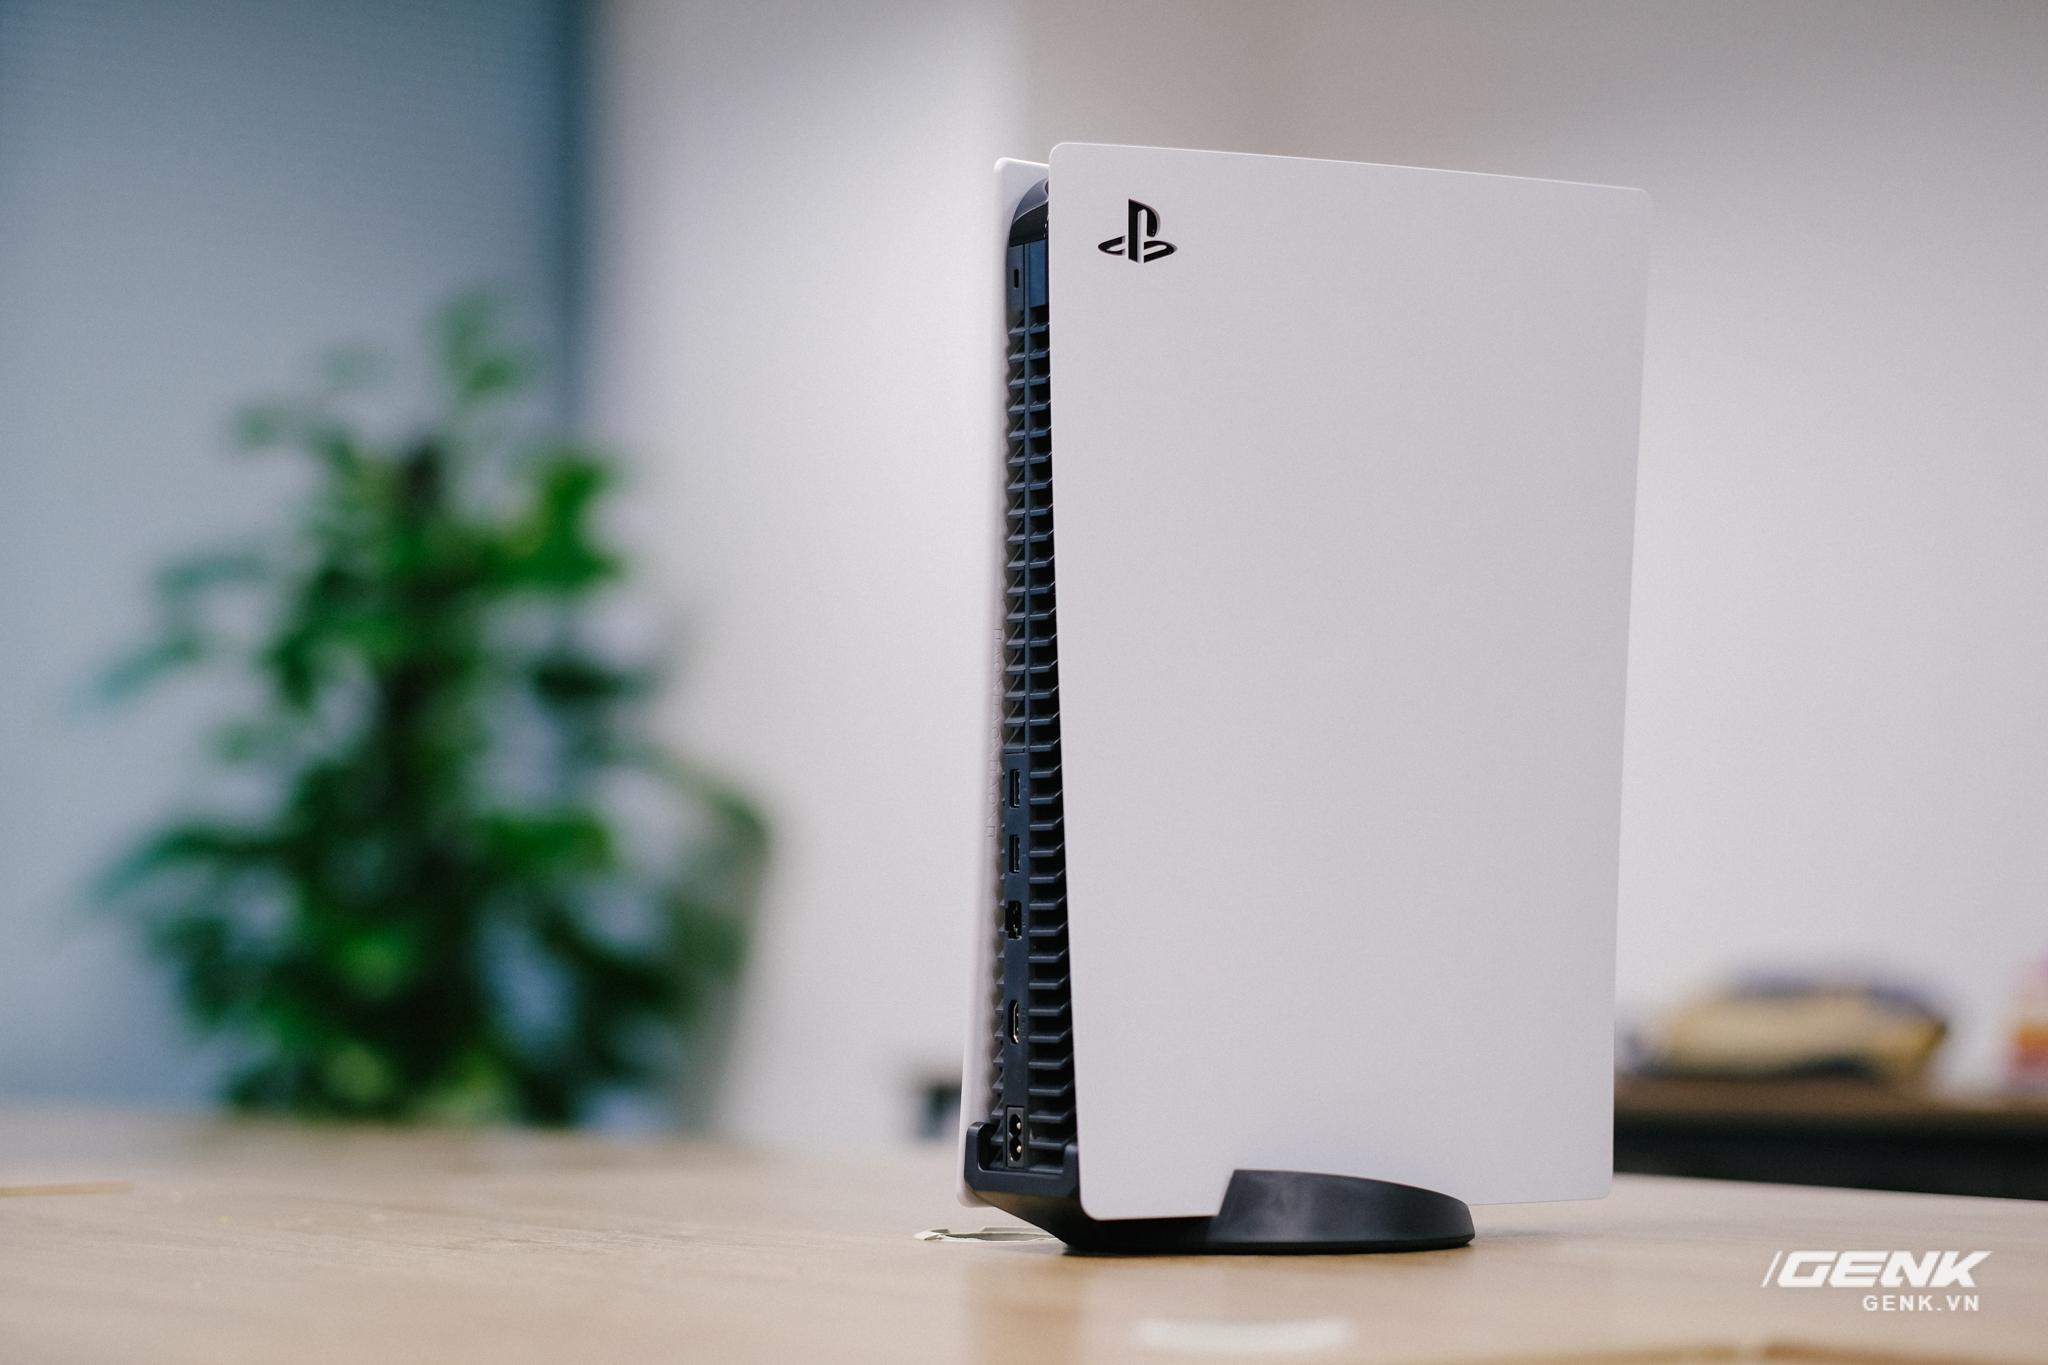 Mở hộp Playstation 5 chính hãng bán tại VN: Cấu hình mạnh, tay cầm xịn, mỗi tội phải mua bia kèm lạc - Ảnh 6.